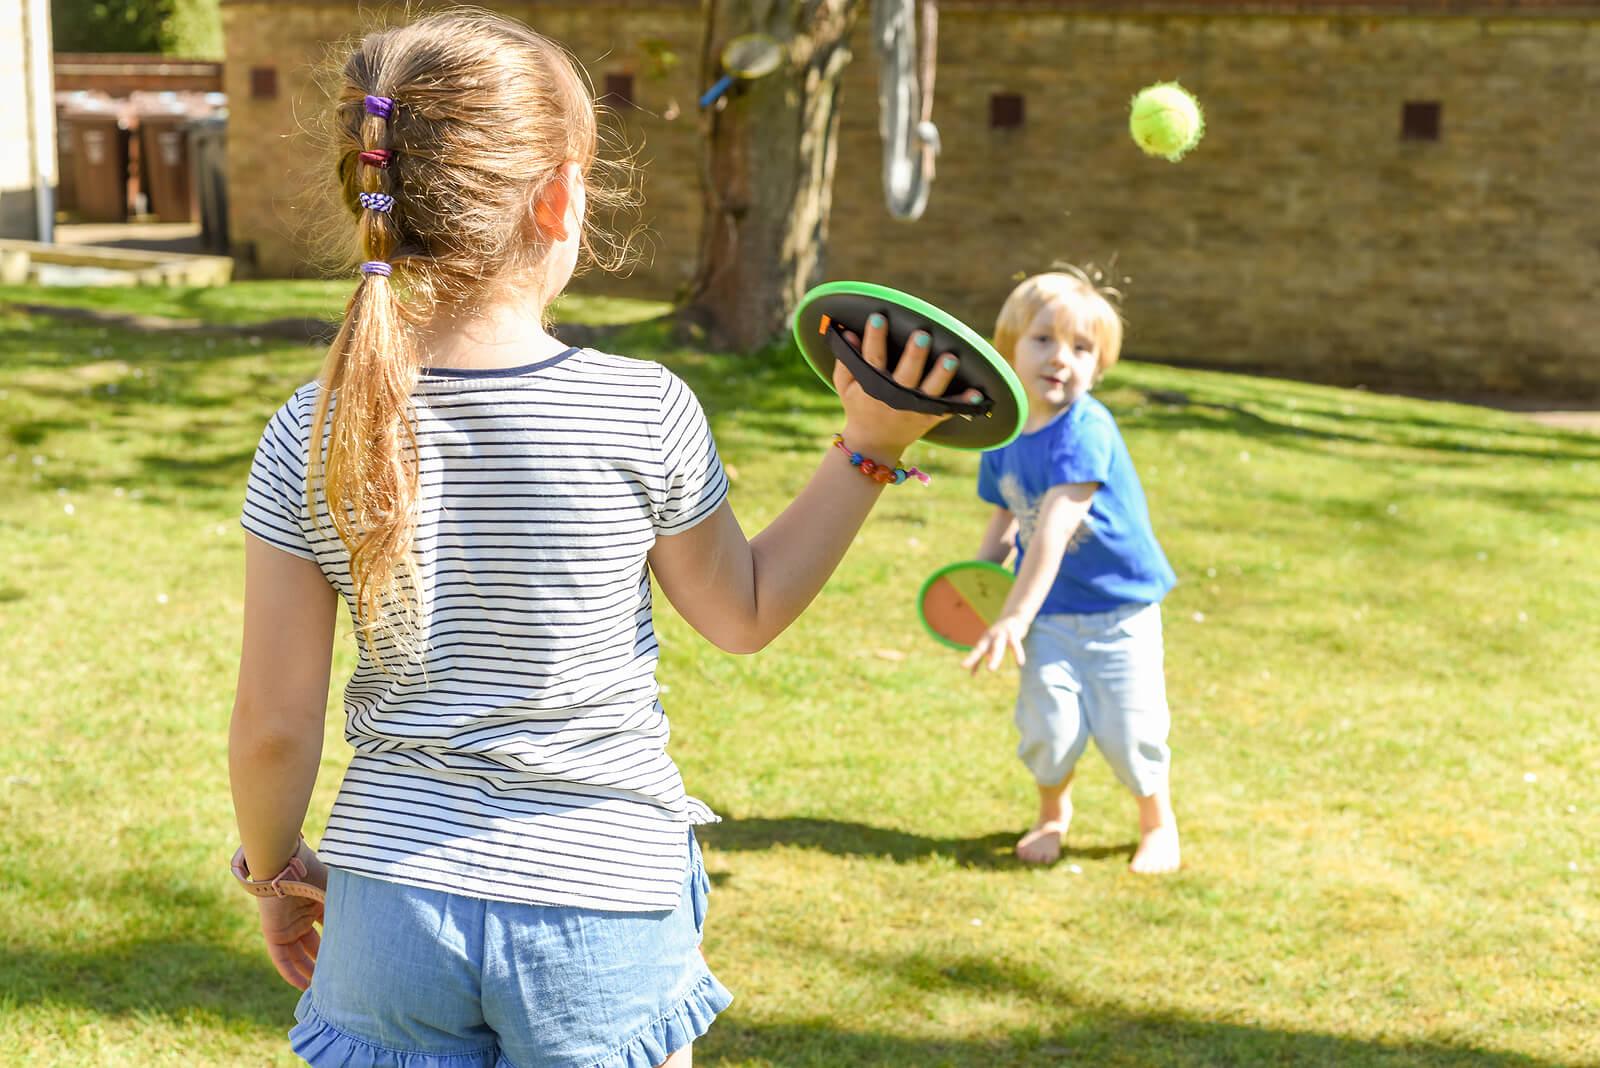 Niños aprendiendo a jugar con la pelota para su buen desarrollo.